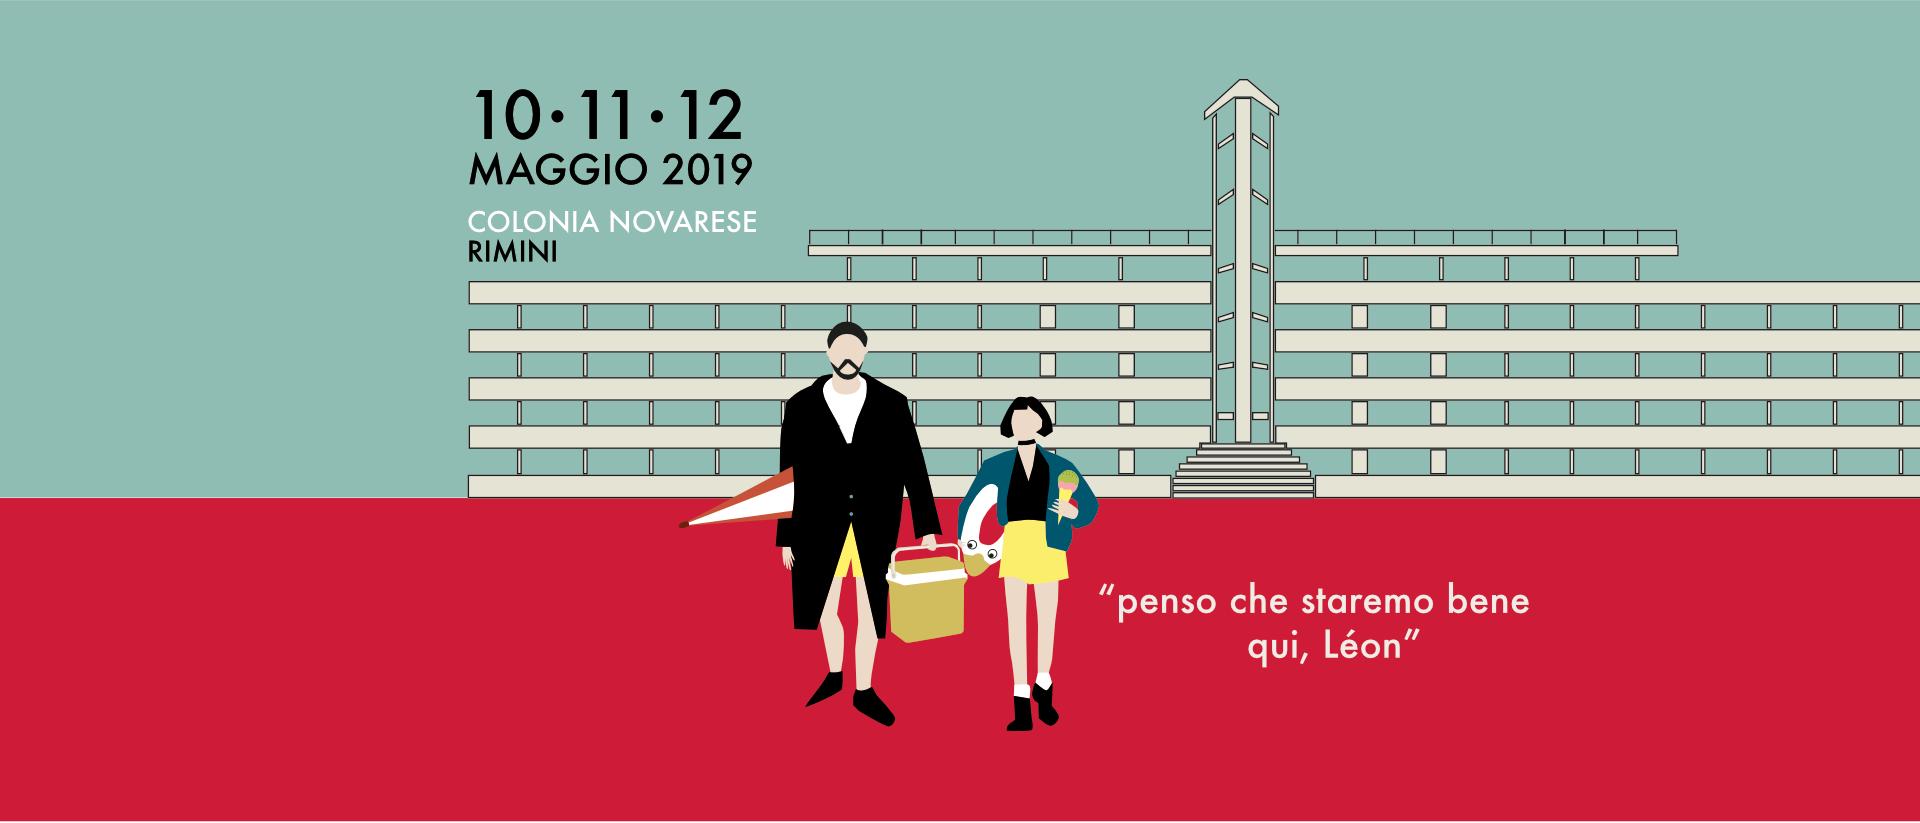 Matrioska Labstore #15 / Rimini / Colonia Novarese / 10-11-12 maggio 2019 / Leon e Matilda